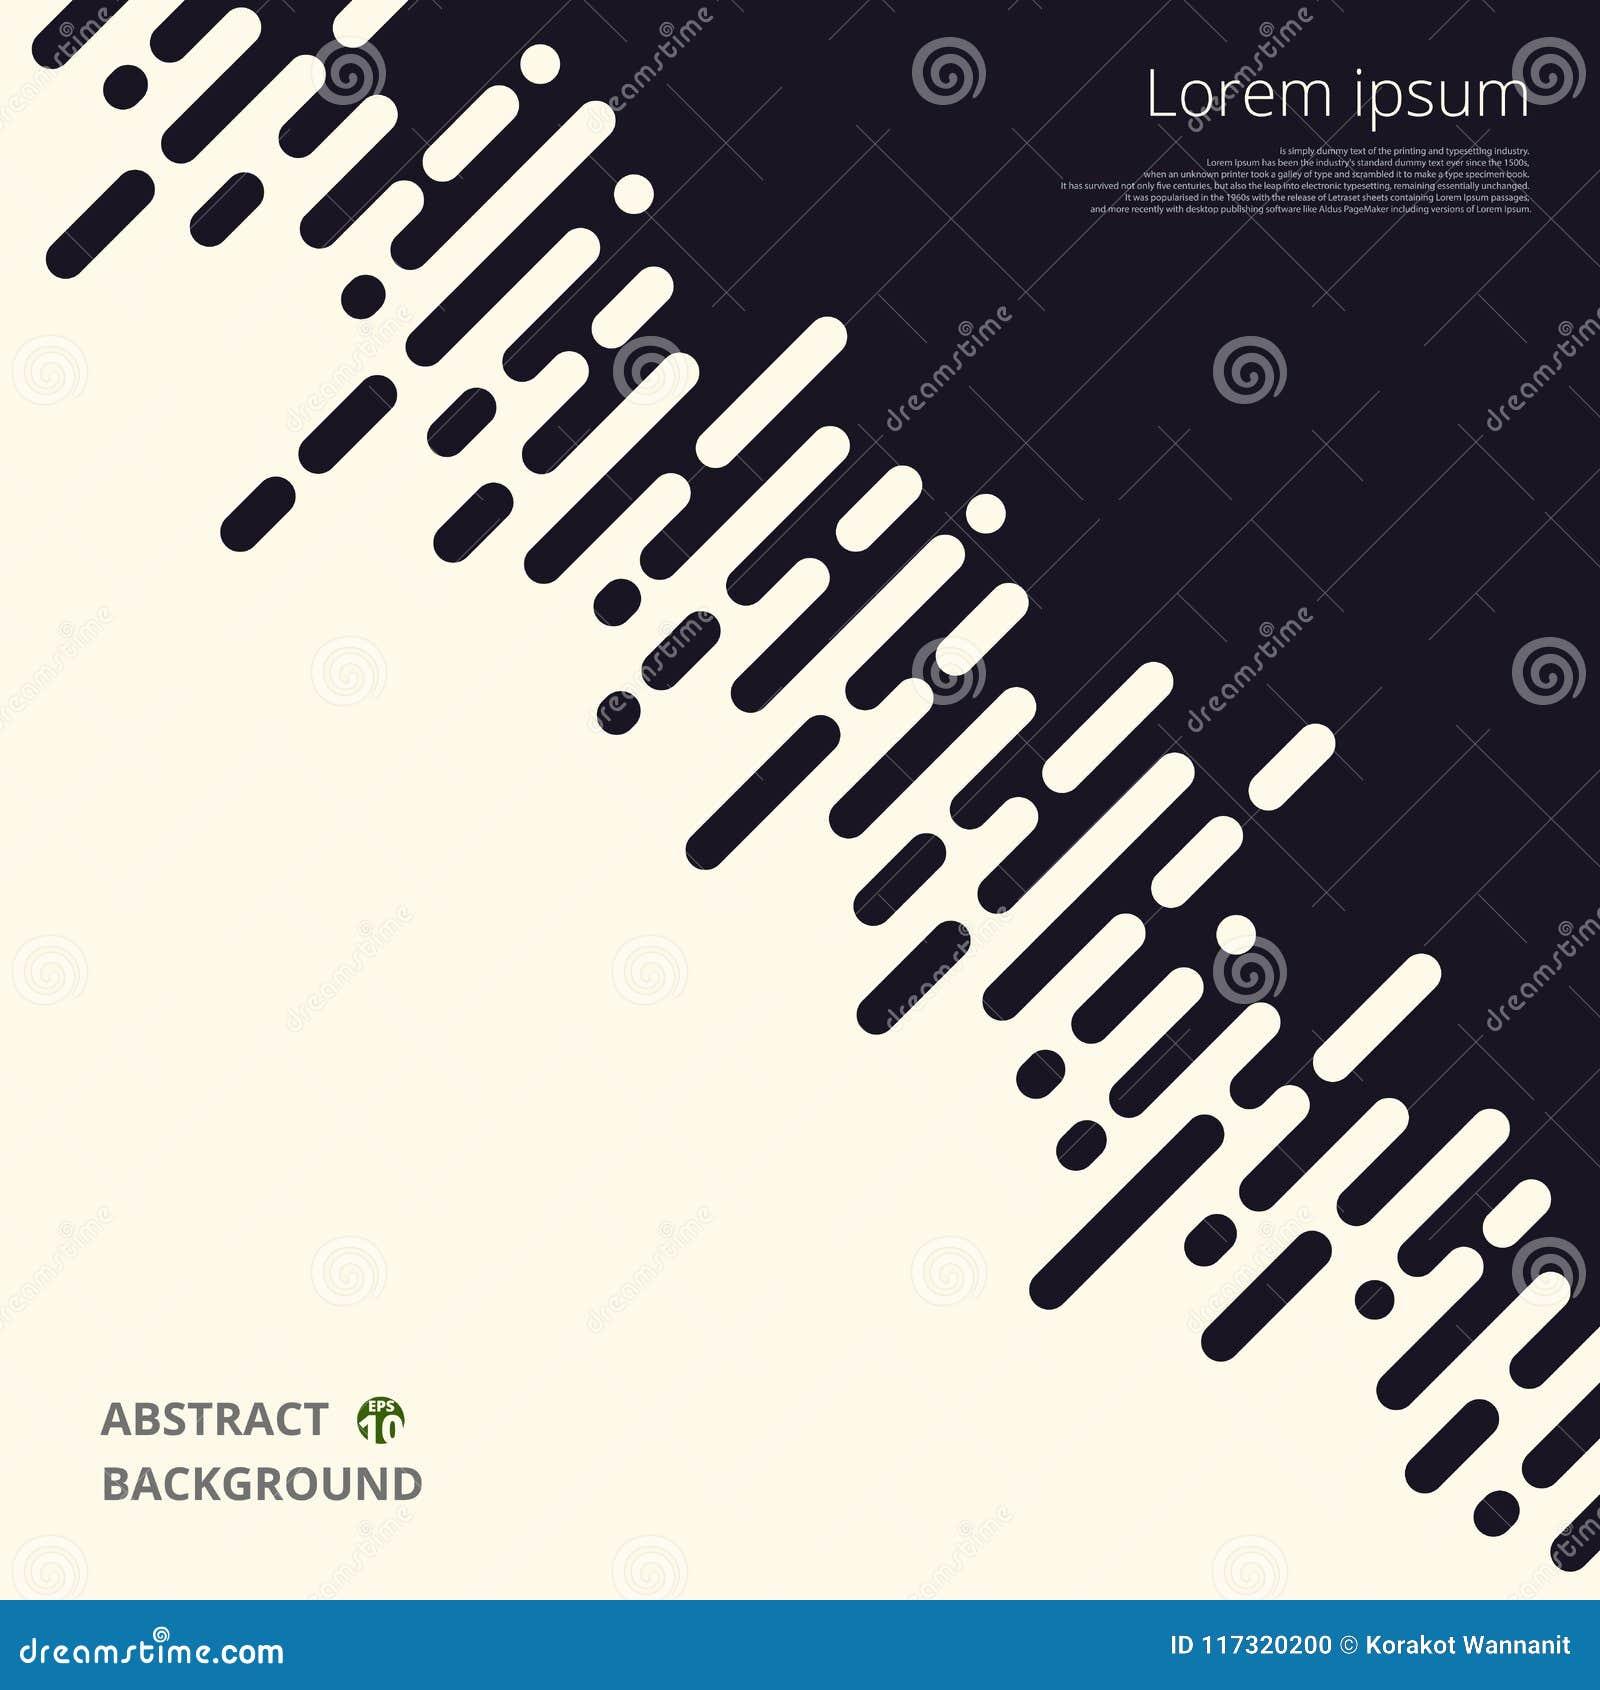 Samenvatting van zwart-witte streeplijnen voor bedrijfspresentatieachtergrond